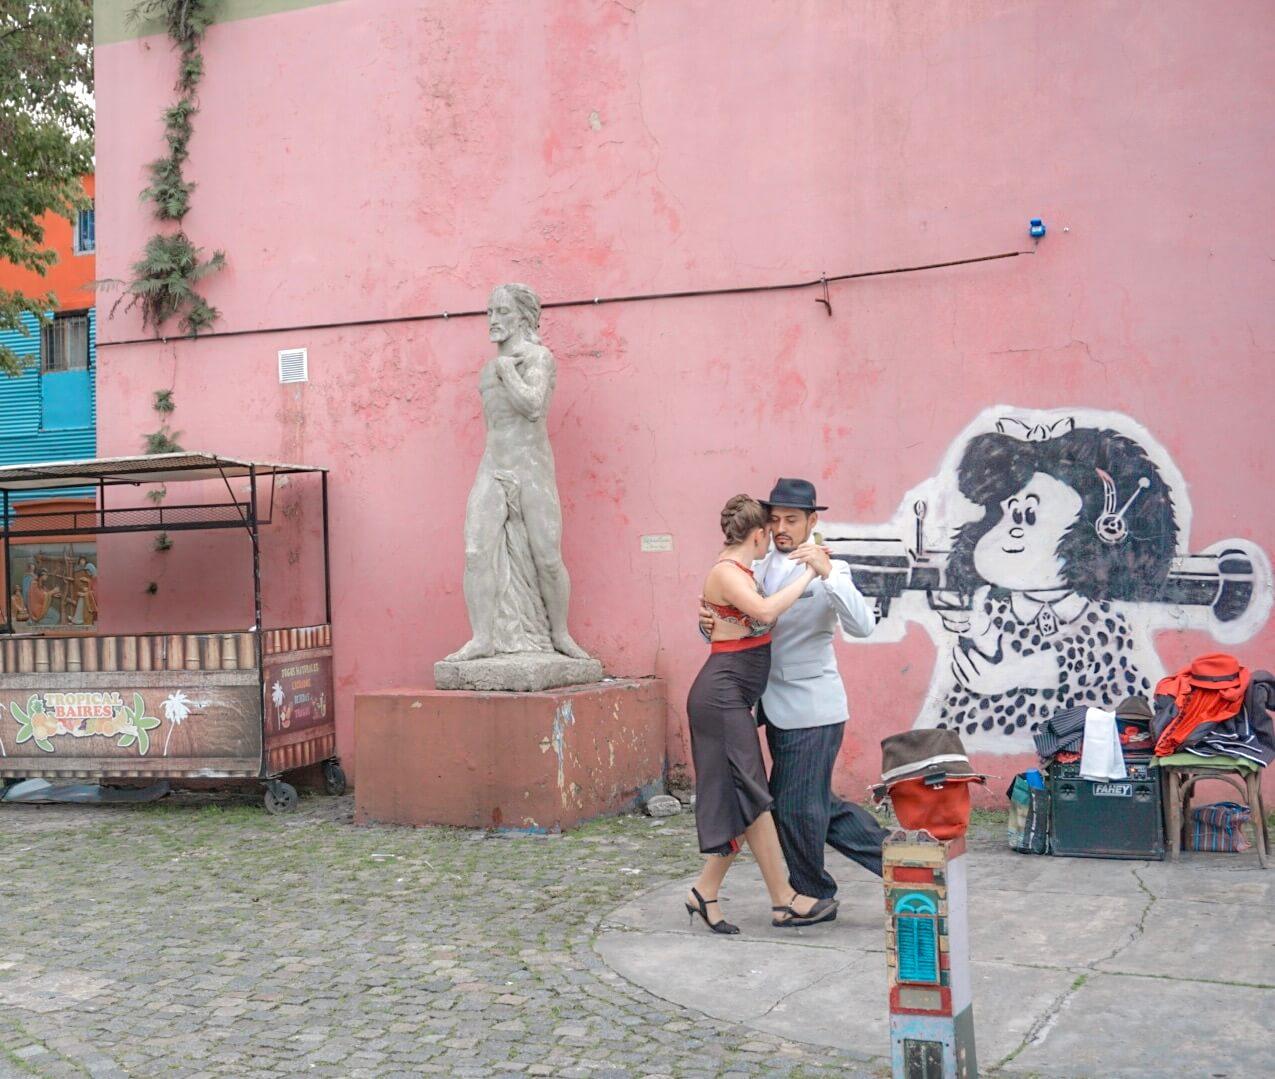 danse tango rues buenos aires argentine